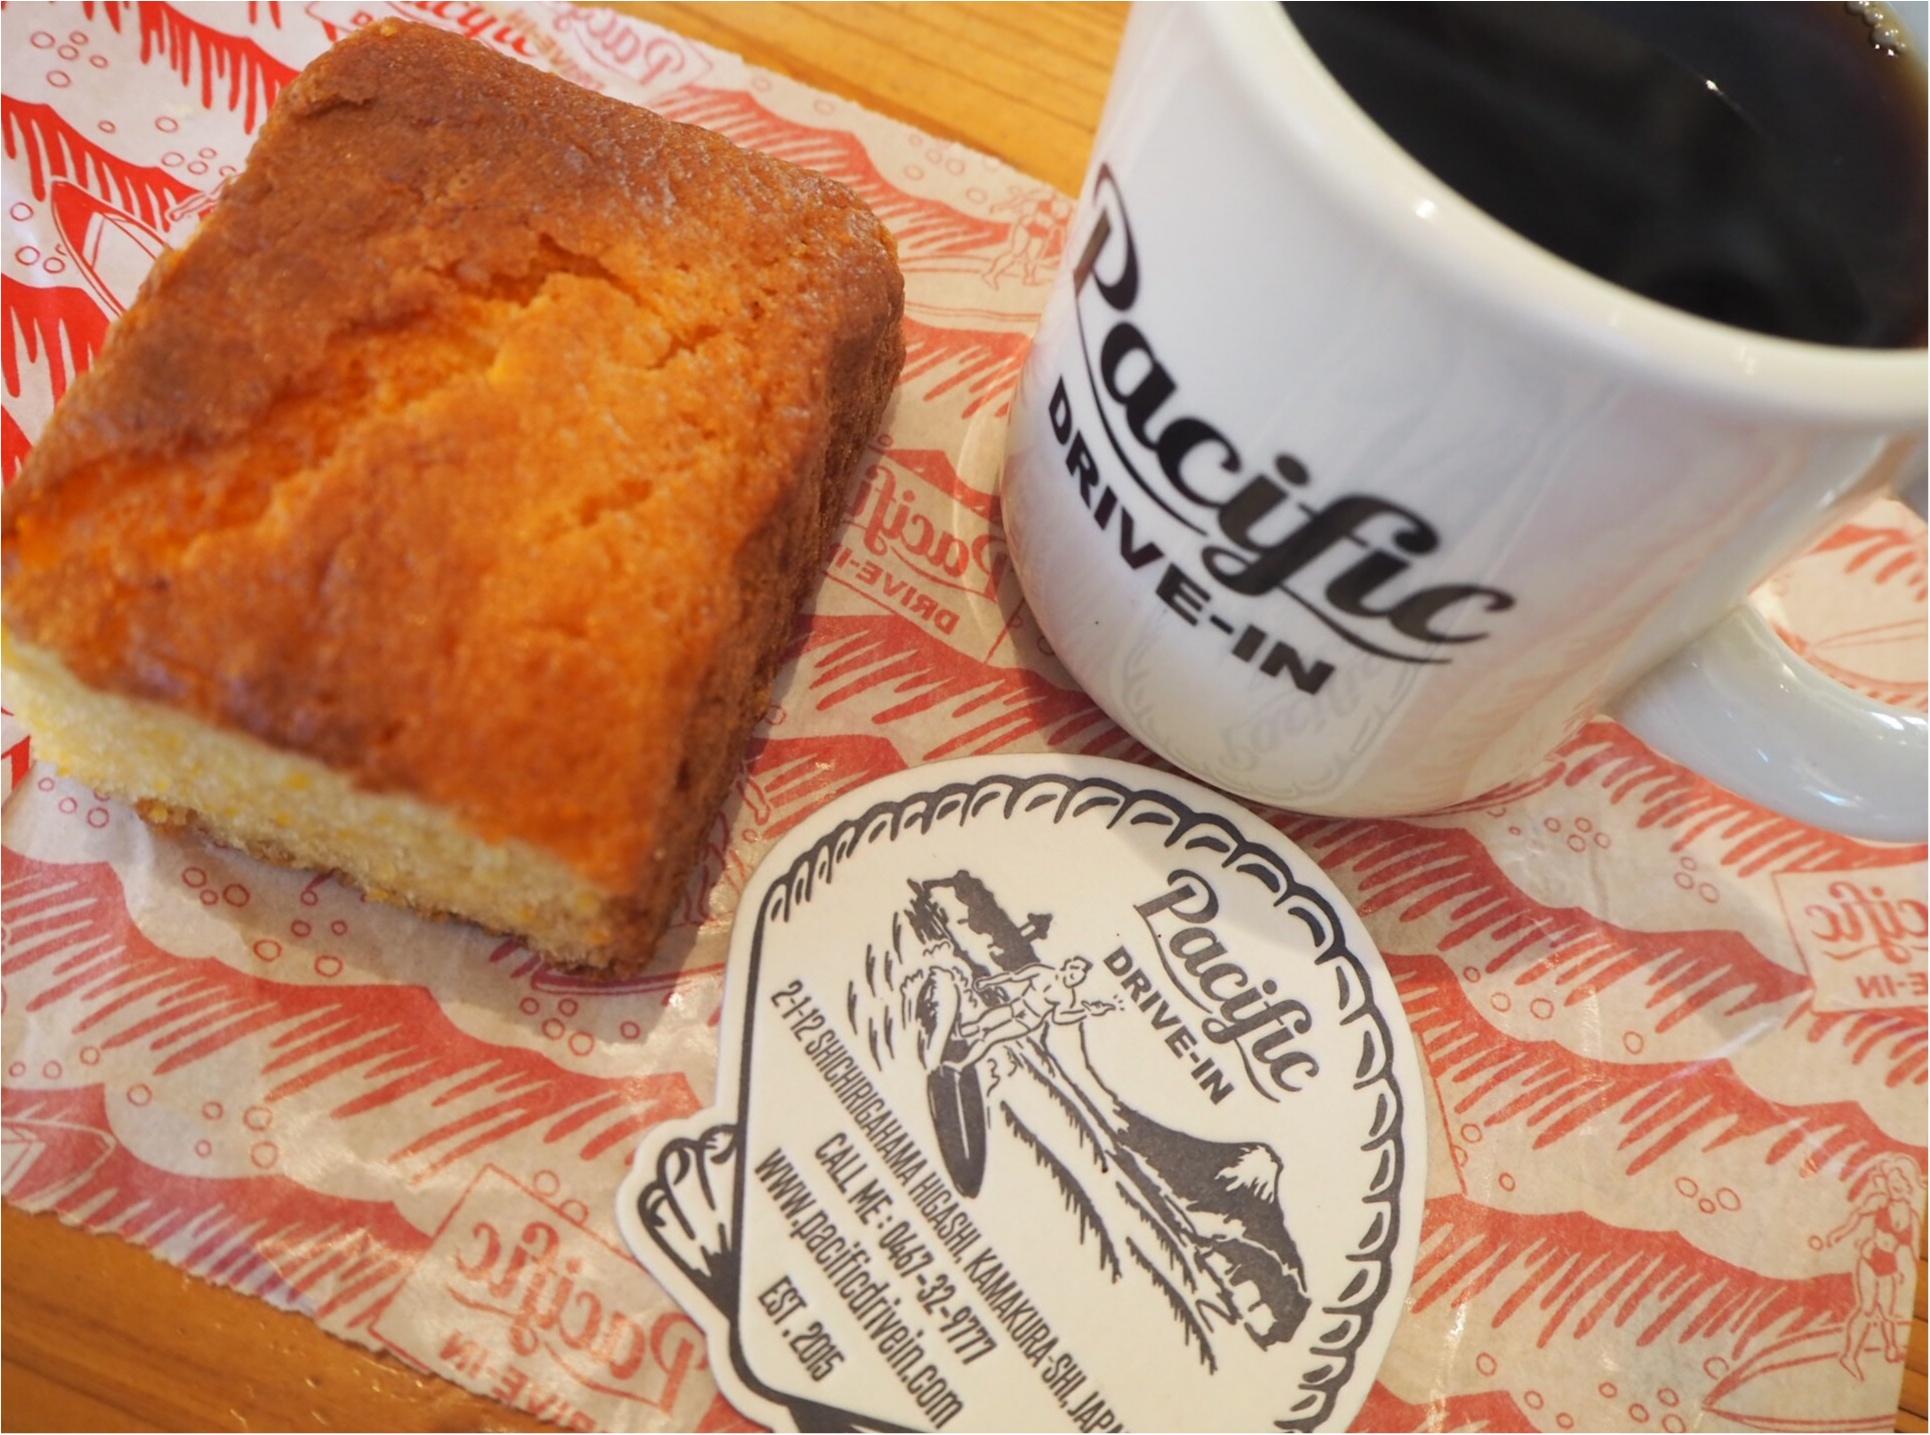 【アロハ☺︎気分はハワイ?】美味しいコーヒーと目の前に広がる七里ガ浜の海!贅沢な時間をぜひココで...❤︎_3